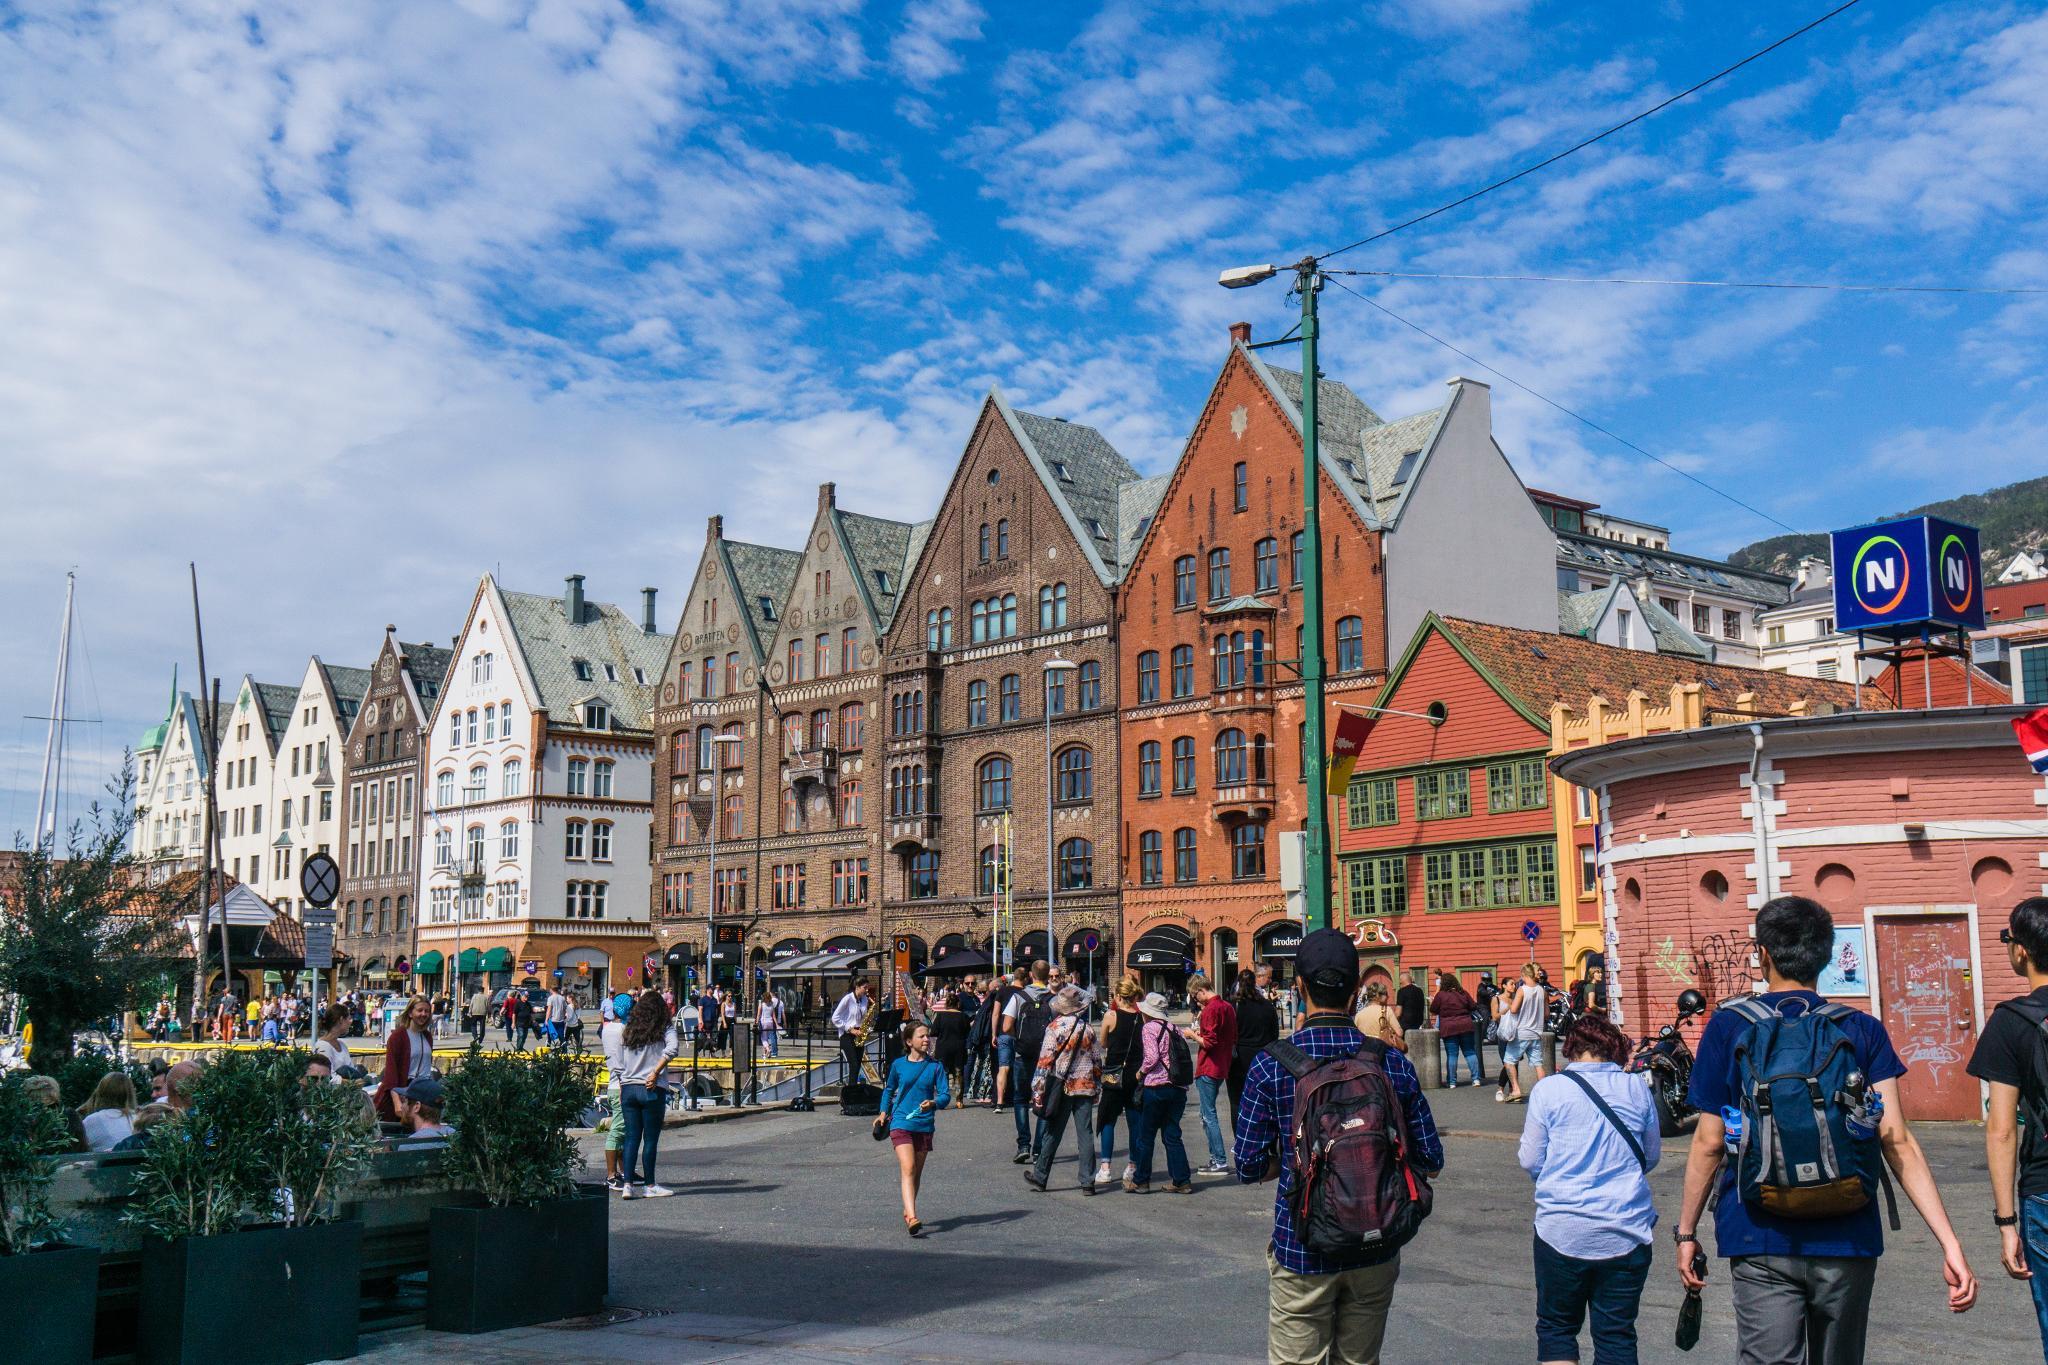 【卑爾根】Bryggen 世界遺產布呂根 — 迷失在百年歷史的挪威彩色木屋 7